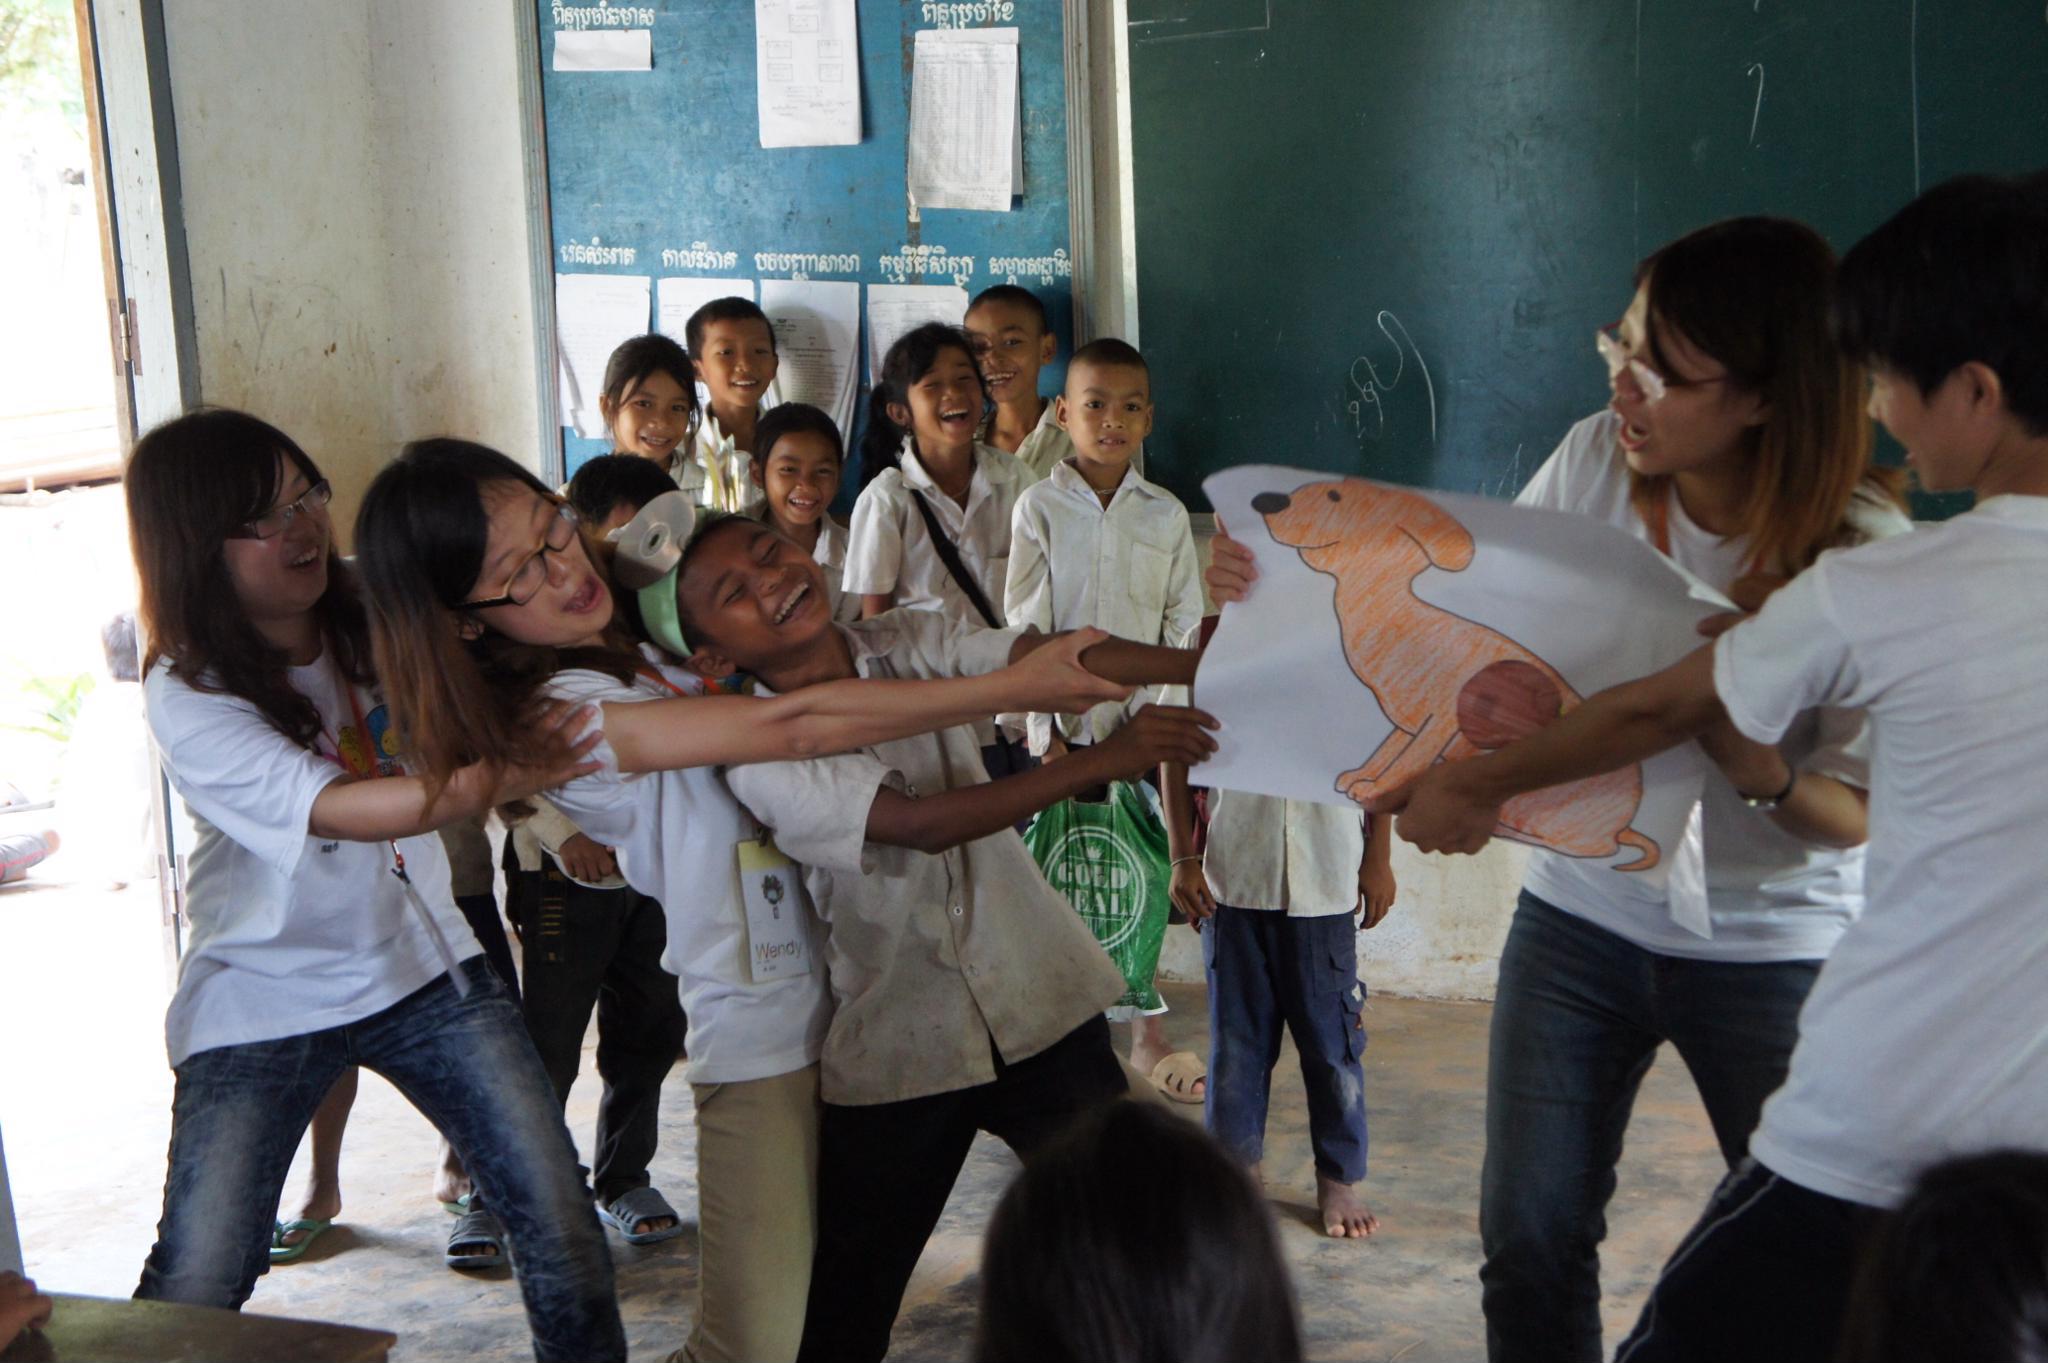 海外志工再訪柬埔寨 英文繪本傳遞愛與歡樂